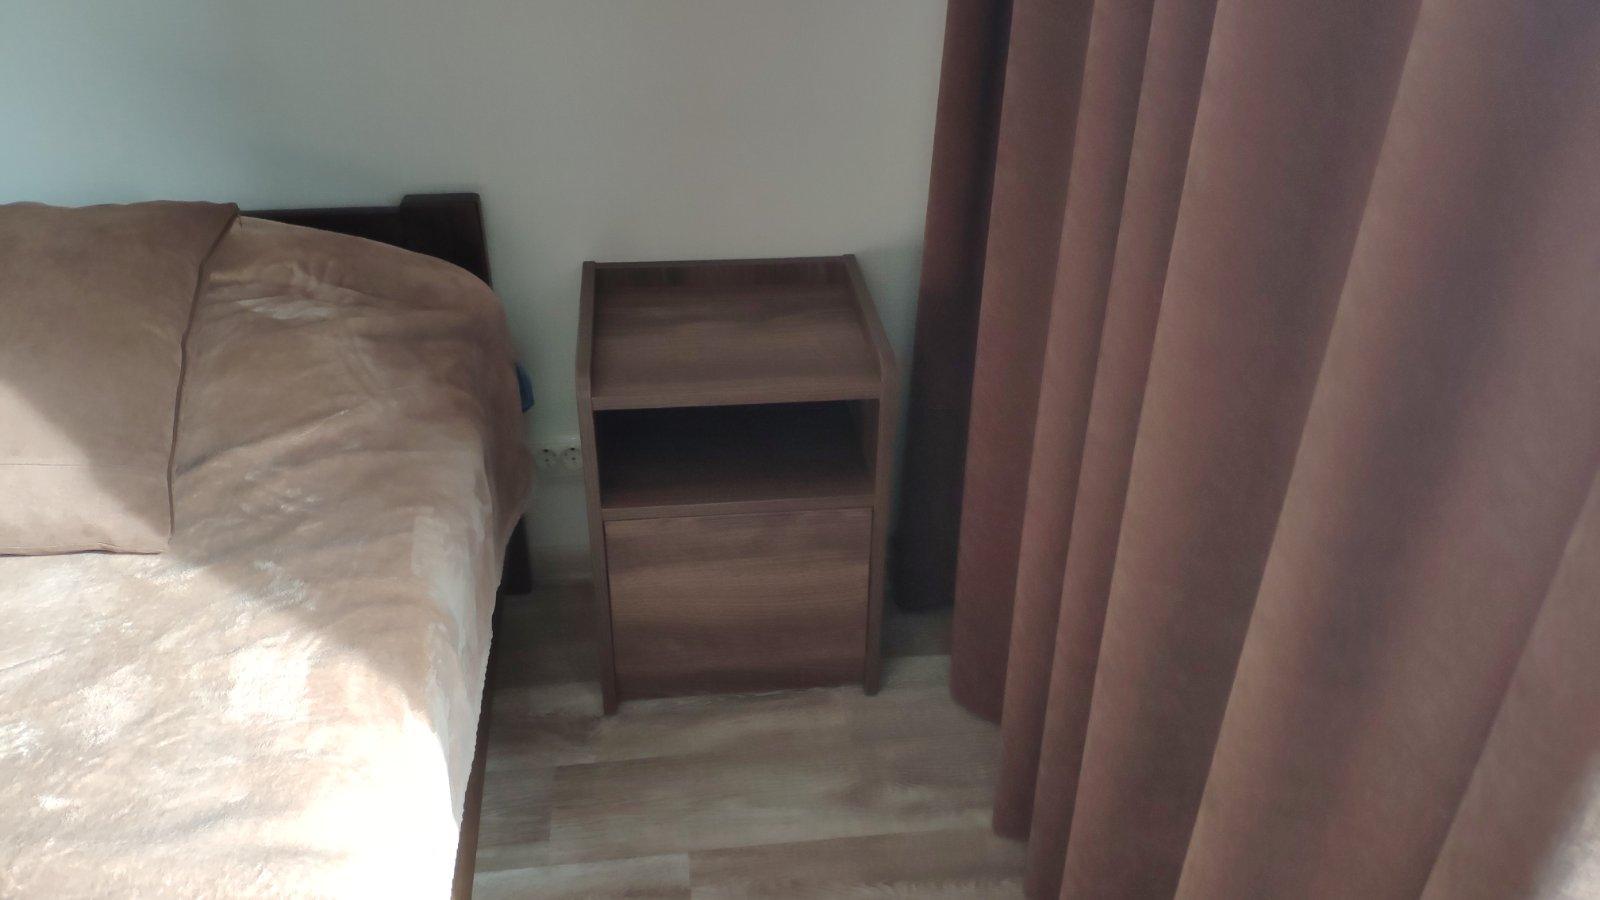 Фото Изготовление мебели на заказ. Тумба прикроватная на 1 ящик, ДСП Эггер. Ящики скрытого монтажа, тип-он, Блюм. Изготовлено через сервис Вияр. Выполню проект мебели в Базис-Мебельщик 11.